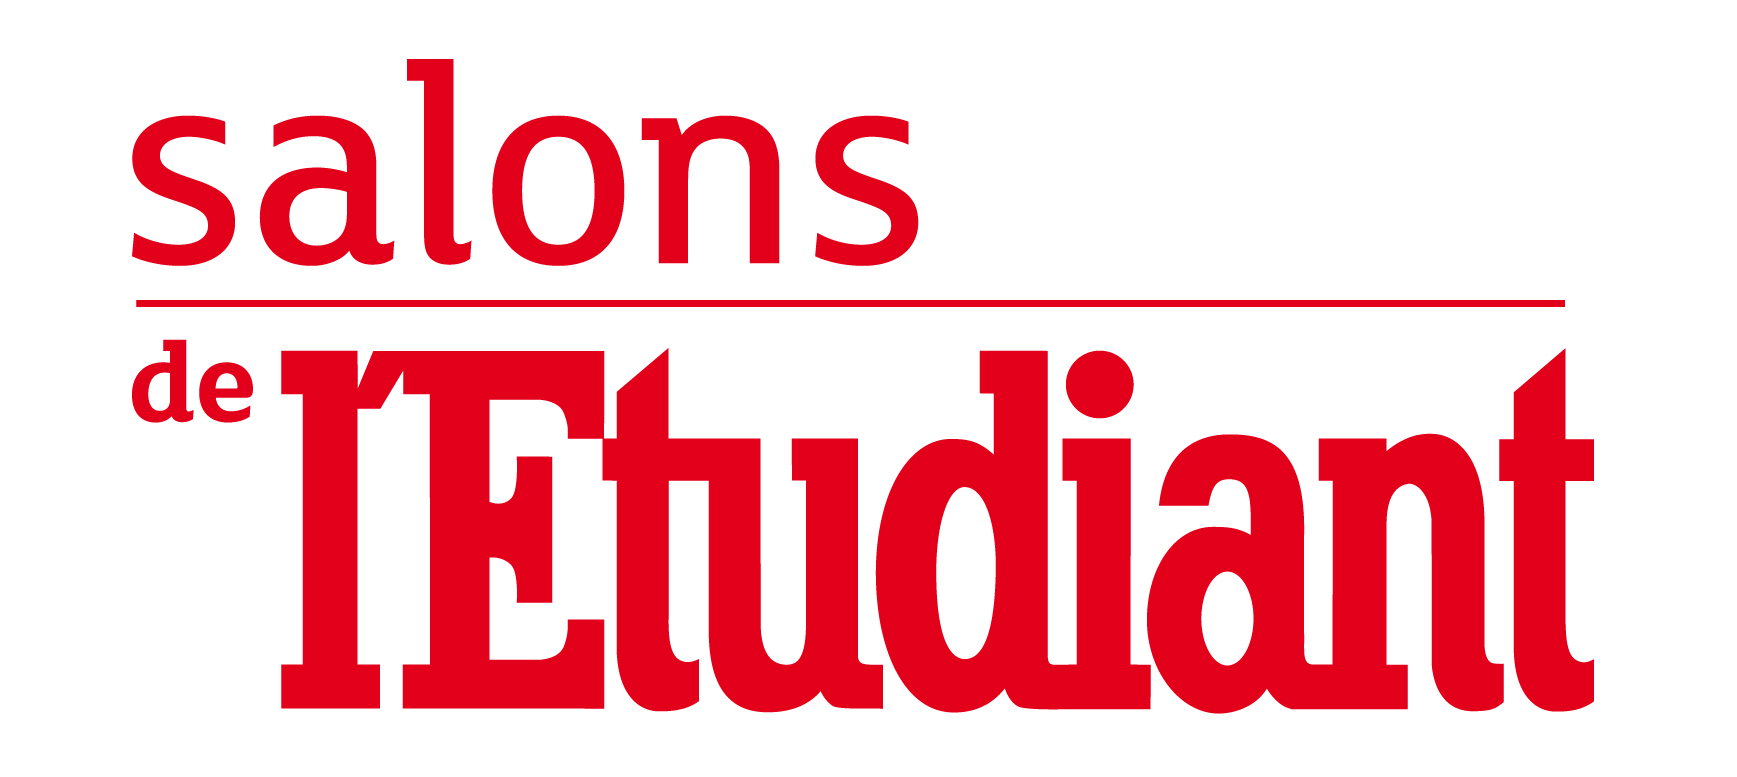 Salon Etudiant Janvier 2019